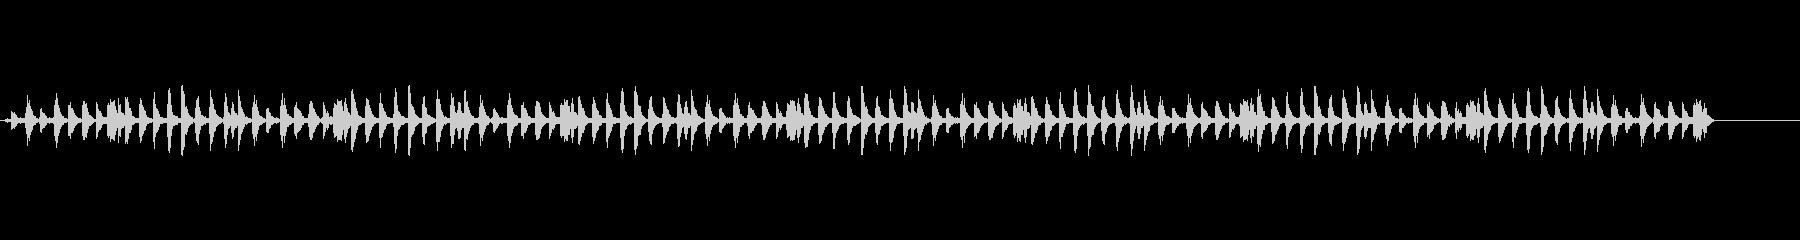 音楽;電子ダンスビート、隣の部屋から。の未再生の波形